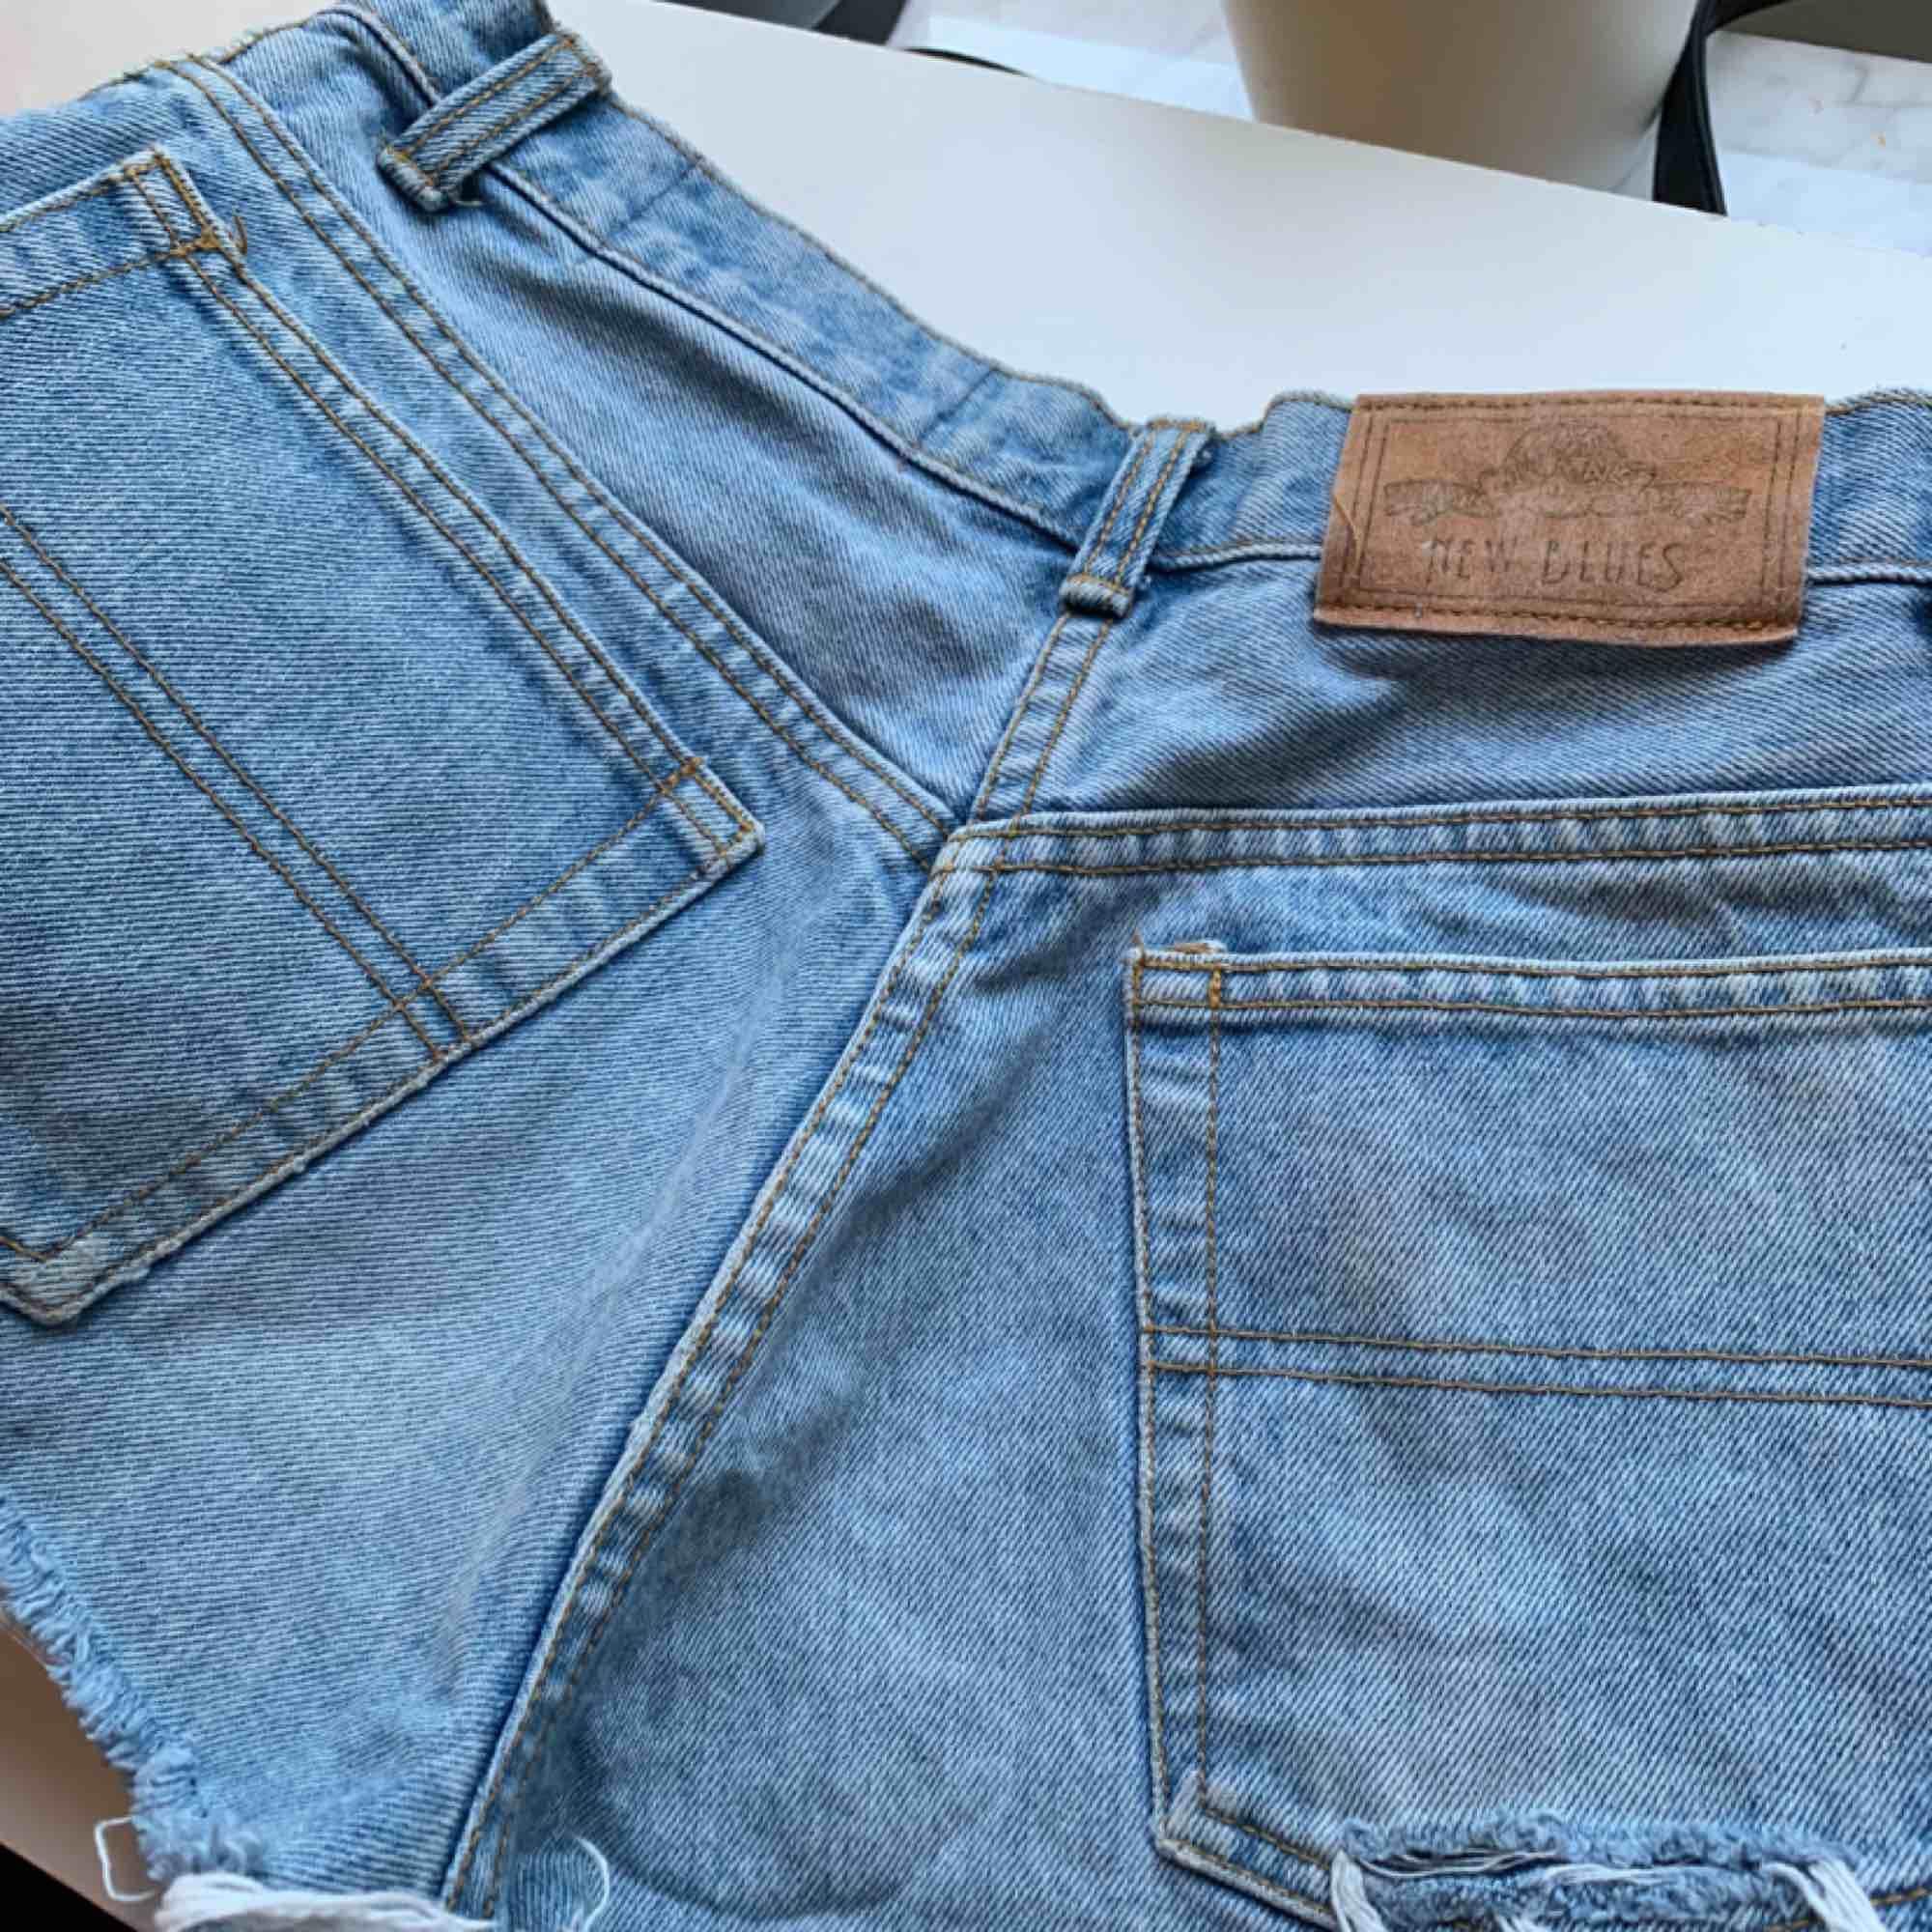 Observera att dessa är små för mig. Skulle säga att storleken är en S/XS. Shorts.